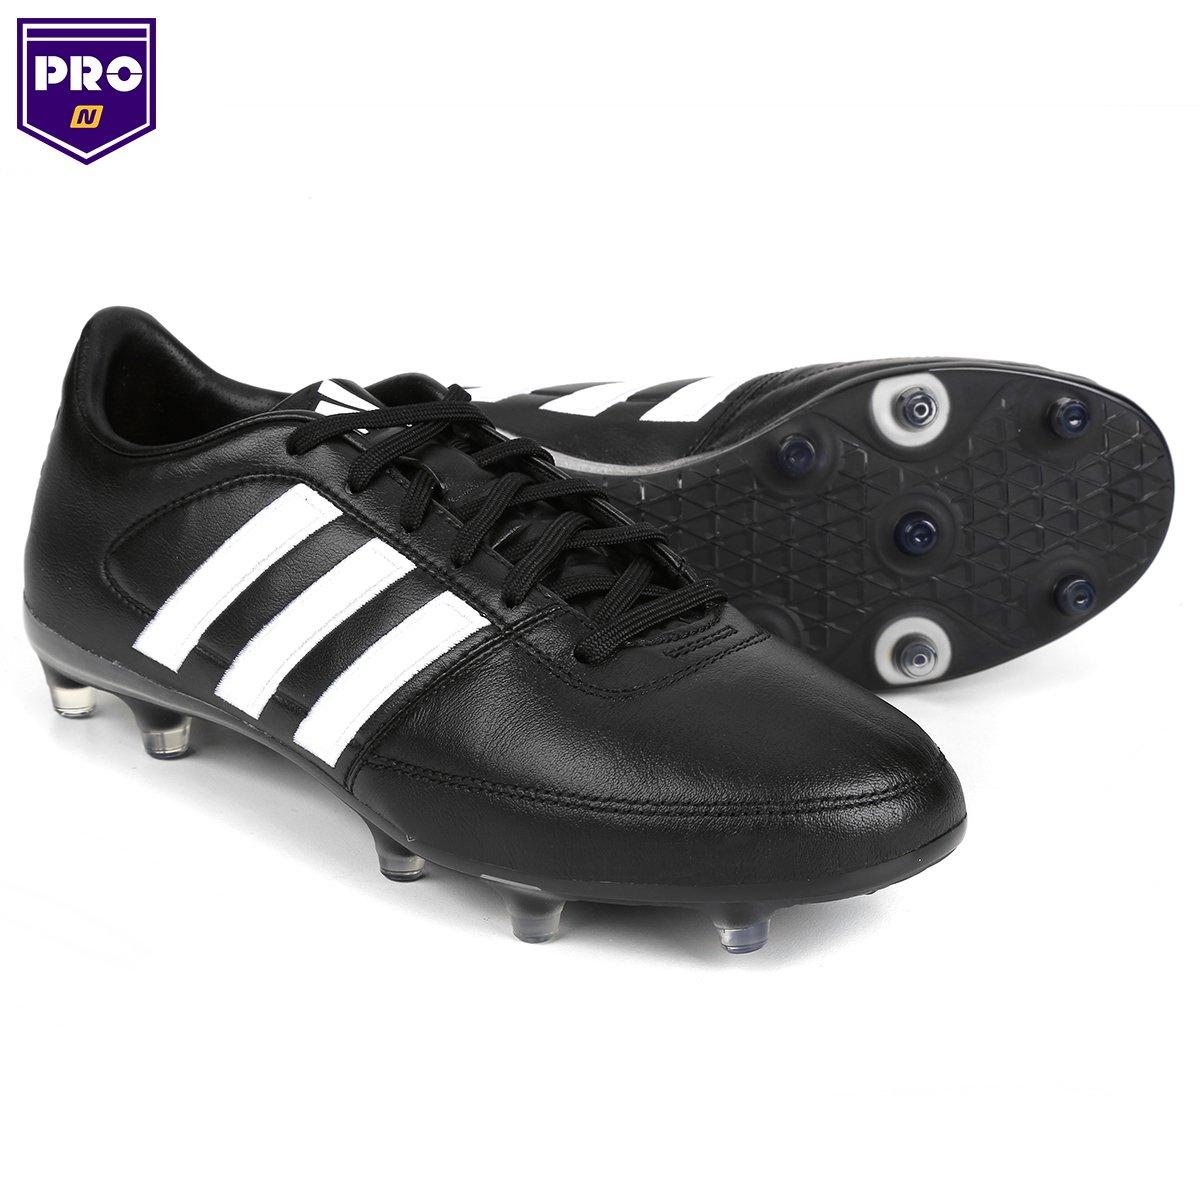 Chuteira Campo Adidas Gloro 16.1 FG Masculina - Compre Agora  87df18b59c07d